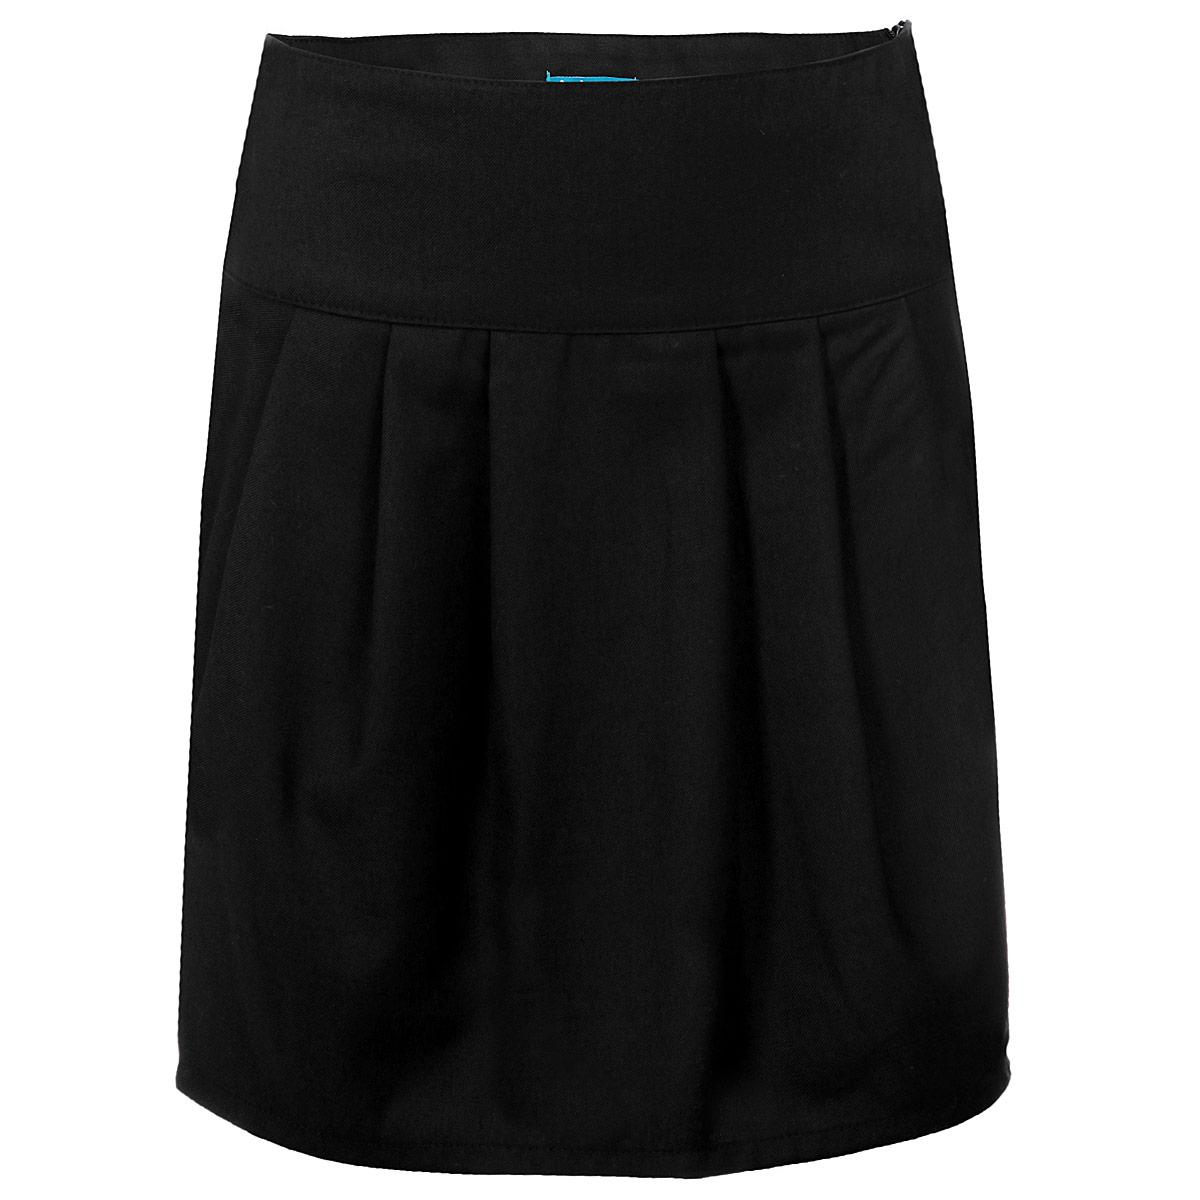 Юбка для девочки. 215BBGS61215BBGS6101Стильная юбка для девочки Button Blue идеально подойдет для школы и повседневной носки. Изготовленная из высококачественного материала, она необычайно мягкая и приятная на ощупь, не сковывает движения малышки и позволяет коже дышать, не раздражает даже самую нежную и чувствительную кожу ребенка, обеспечивая ему наибольший комфорт. Юбка на широком поясе, сбоку застегивается на потайную застежку-молнию. Крупные складки спереди и сзади обеспечивают комфортный свободный силуэт. Классический фасон юбки традиционно является основой школьного гардероба девочки, создавая привычный образ скромной, серьезной, аккуратной ученицы. Такая юбка - незаменимая вещь для школьной формы, отлично сочетается с блузками и пиджаками.